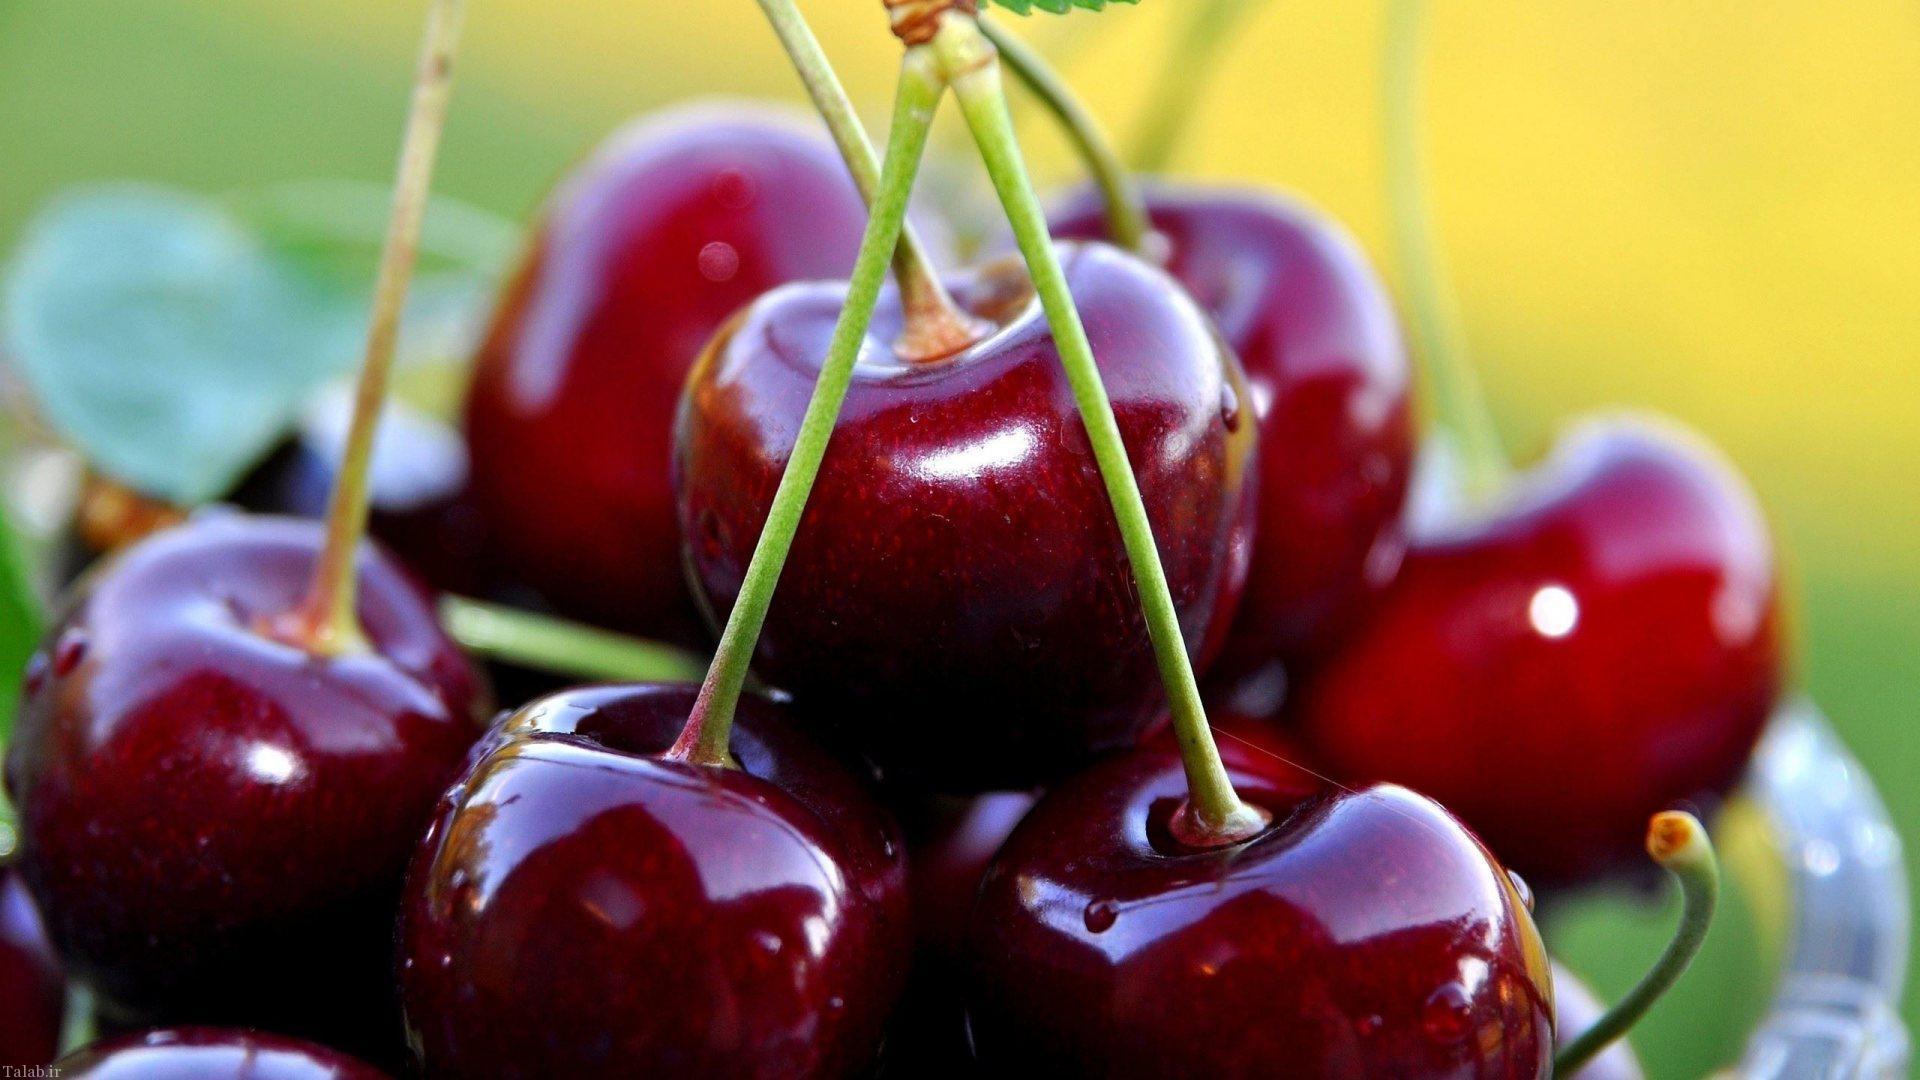 شخصیت شناسی از روی میوه مورد علاقه